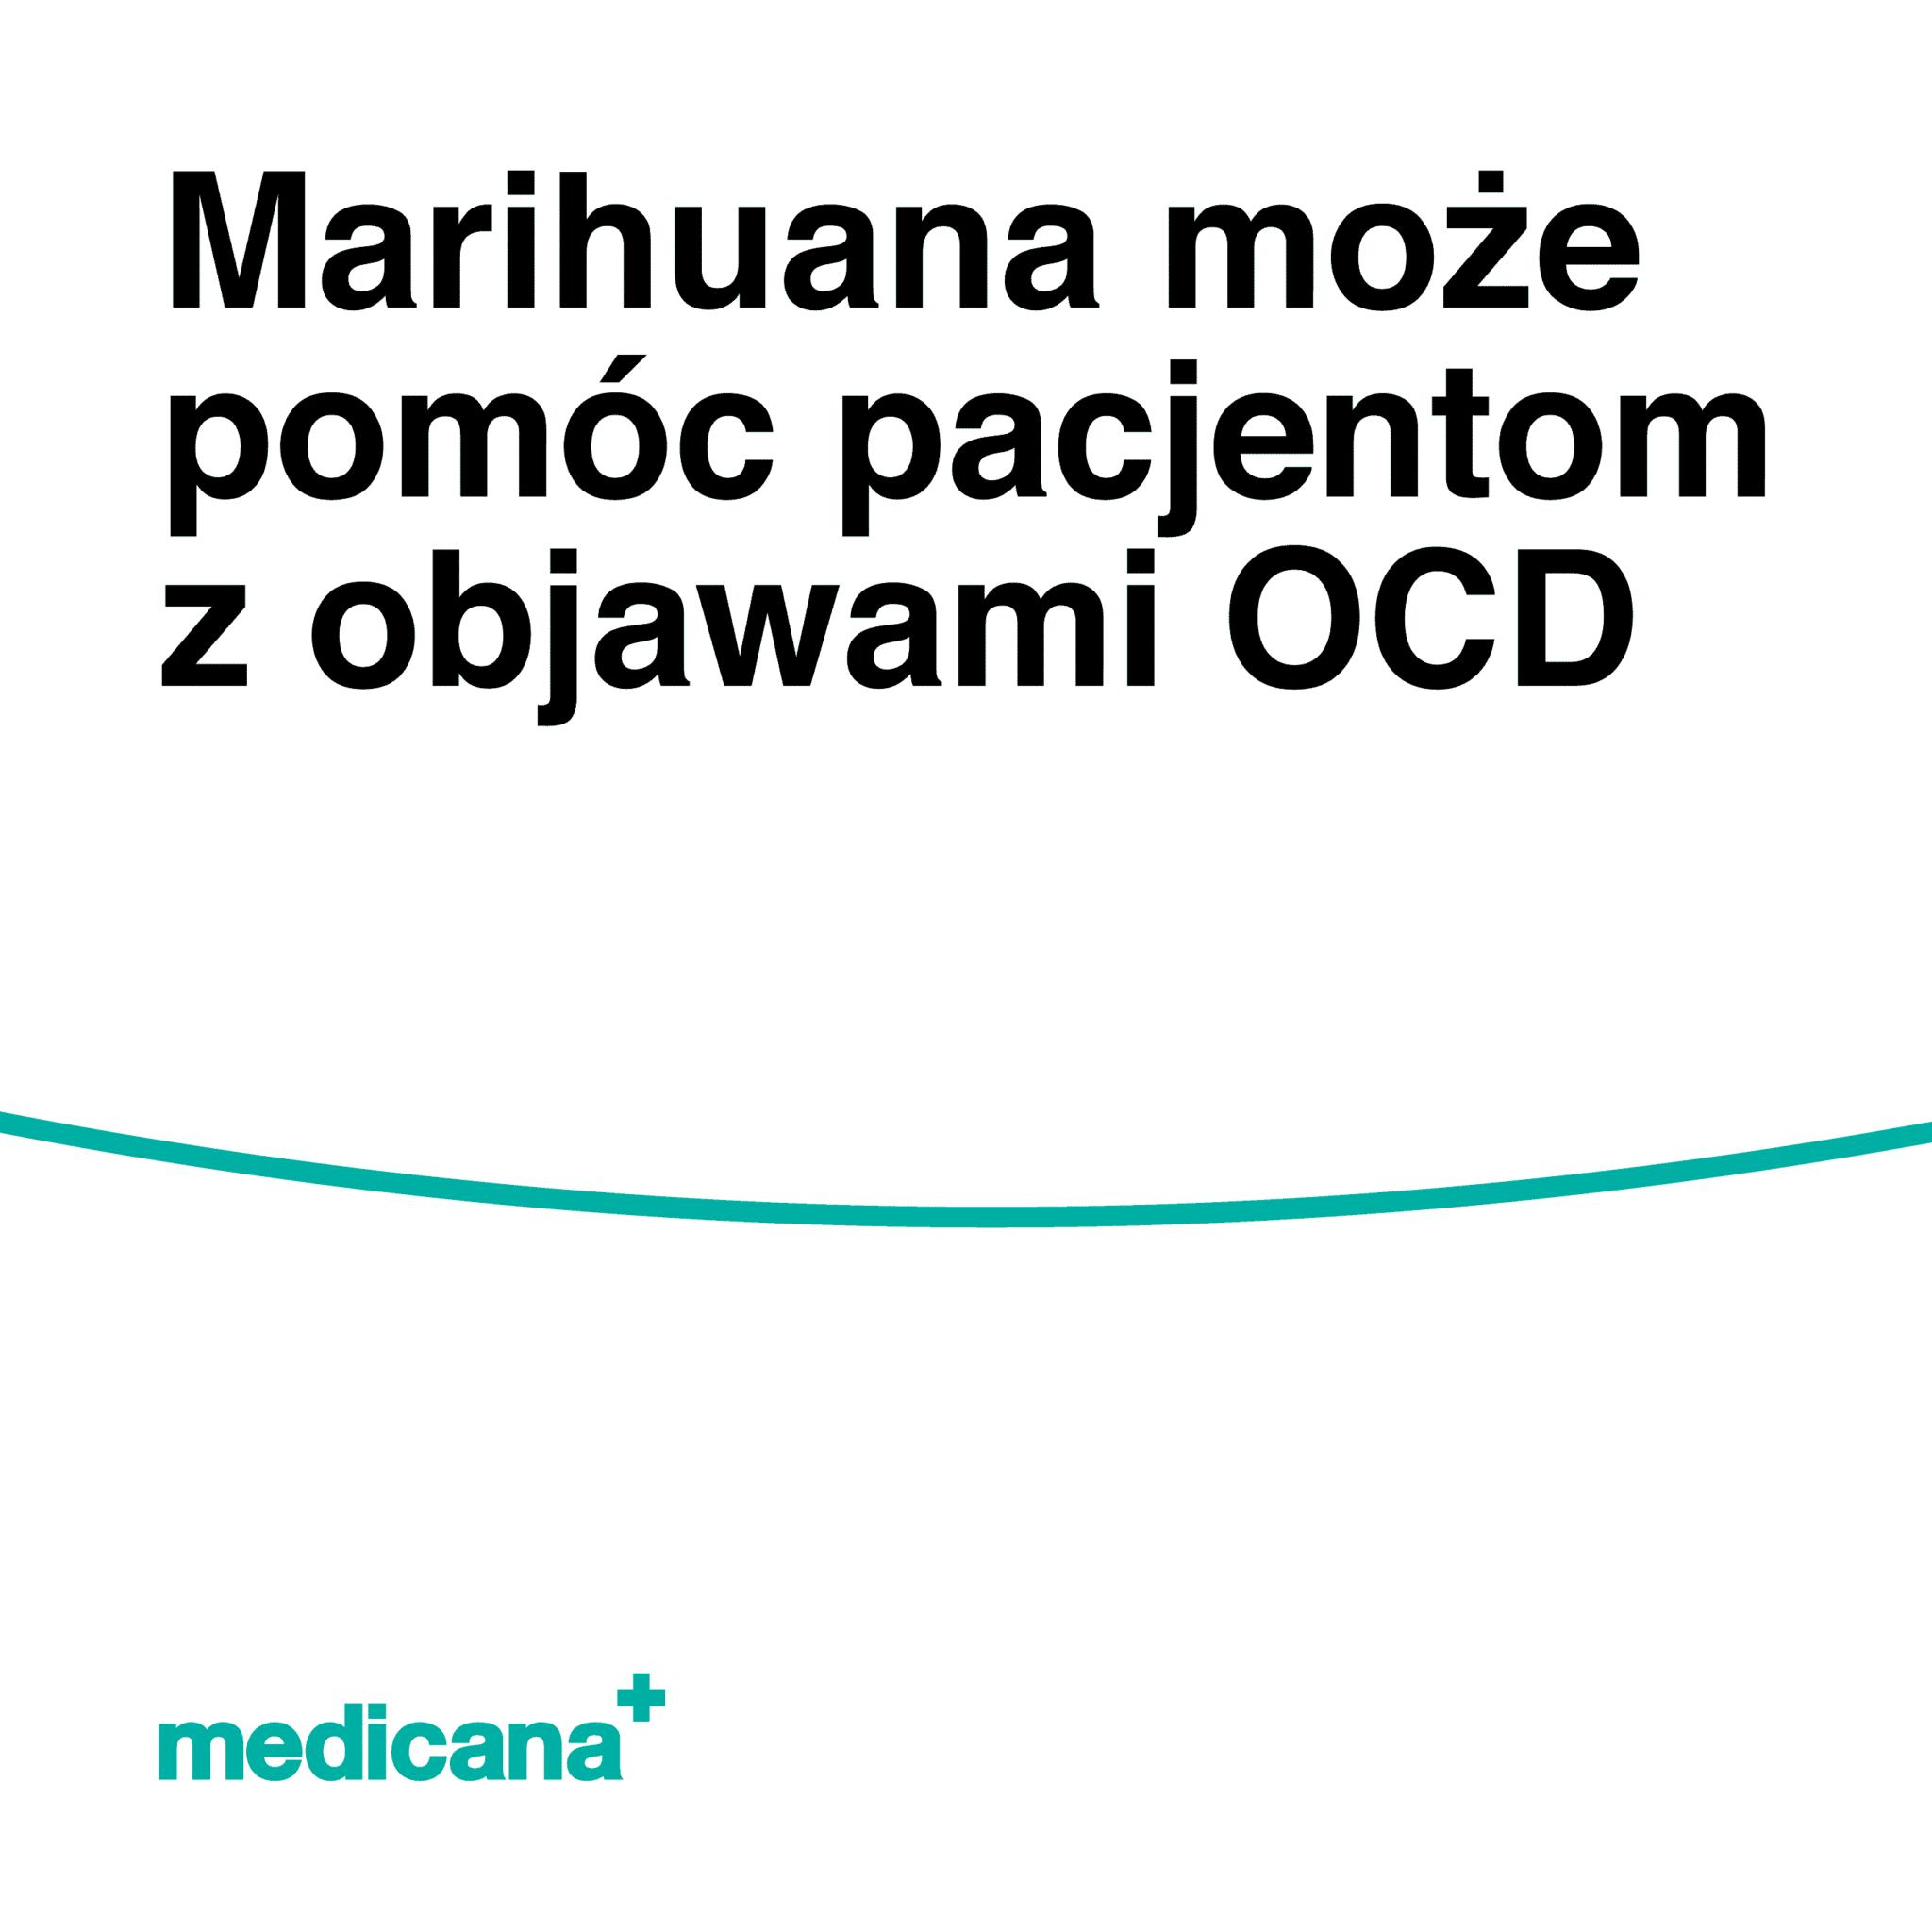 Grafika, białe tło z zieloną linią, czarnym napisem Marihuana może pomóc pacjentom z objawami OCD oraz zielonym logo Medicana w lewym dolnym rogu.